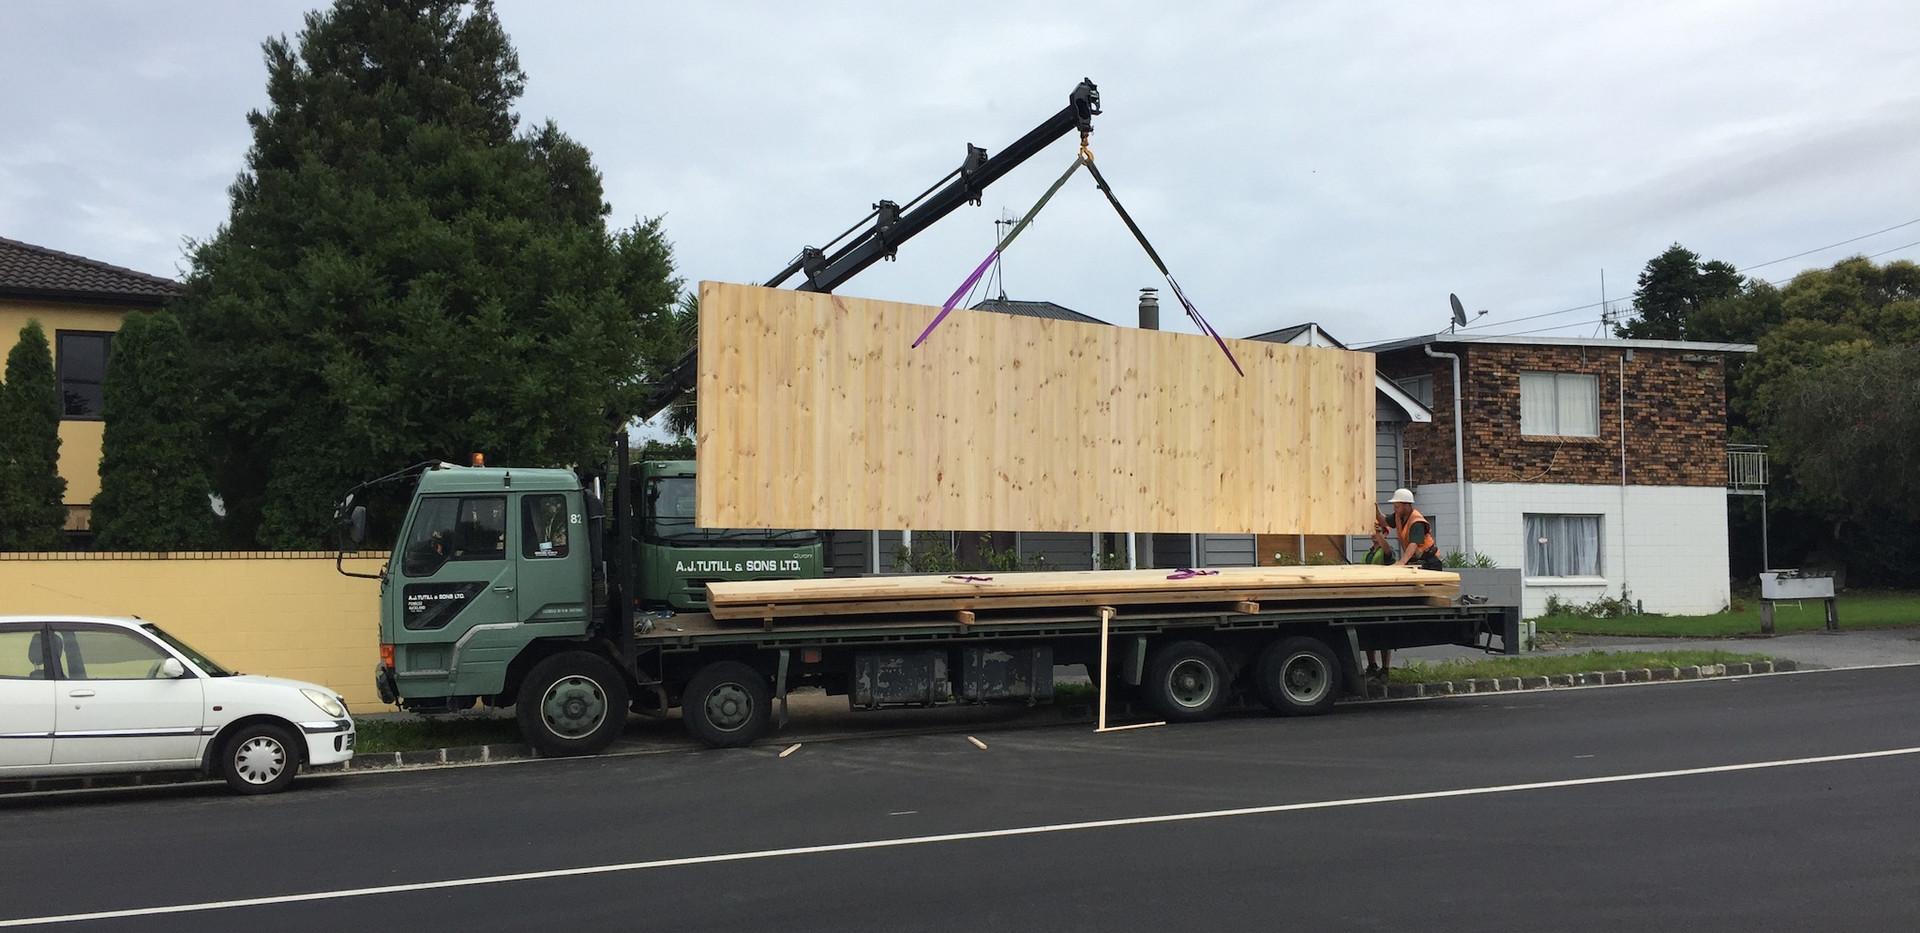 CLT New Build